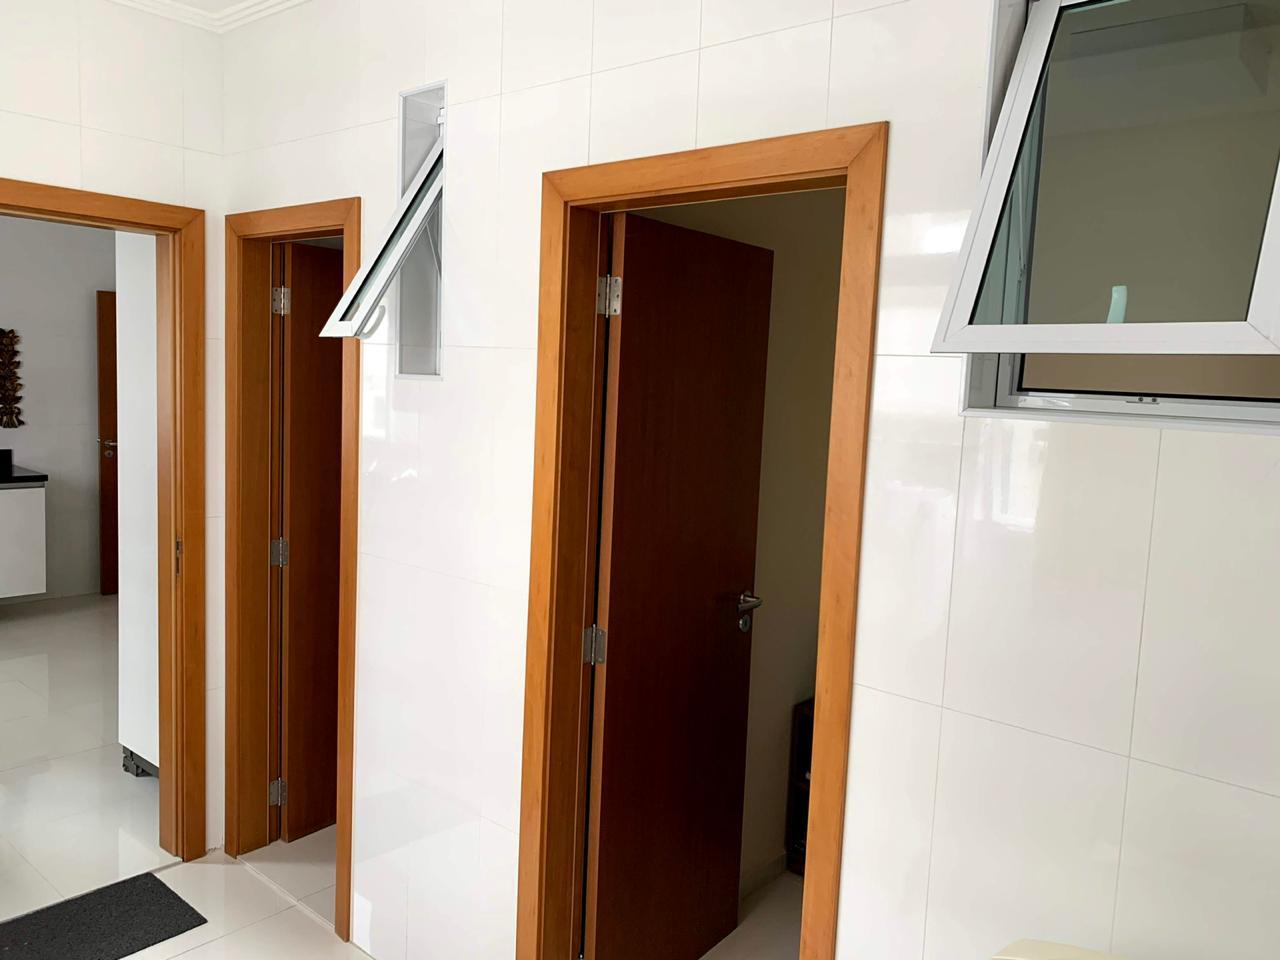 Excelente semi novo apartamento com 160m, uma quadra da Praia, Duas vagas de garagem, 3 suítes - foto 38